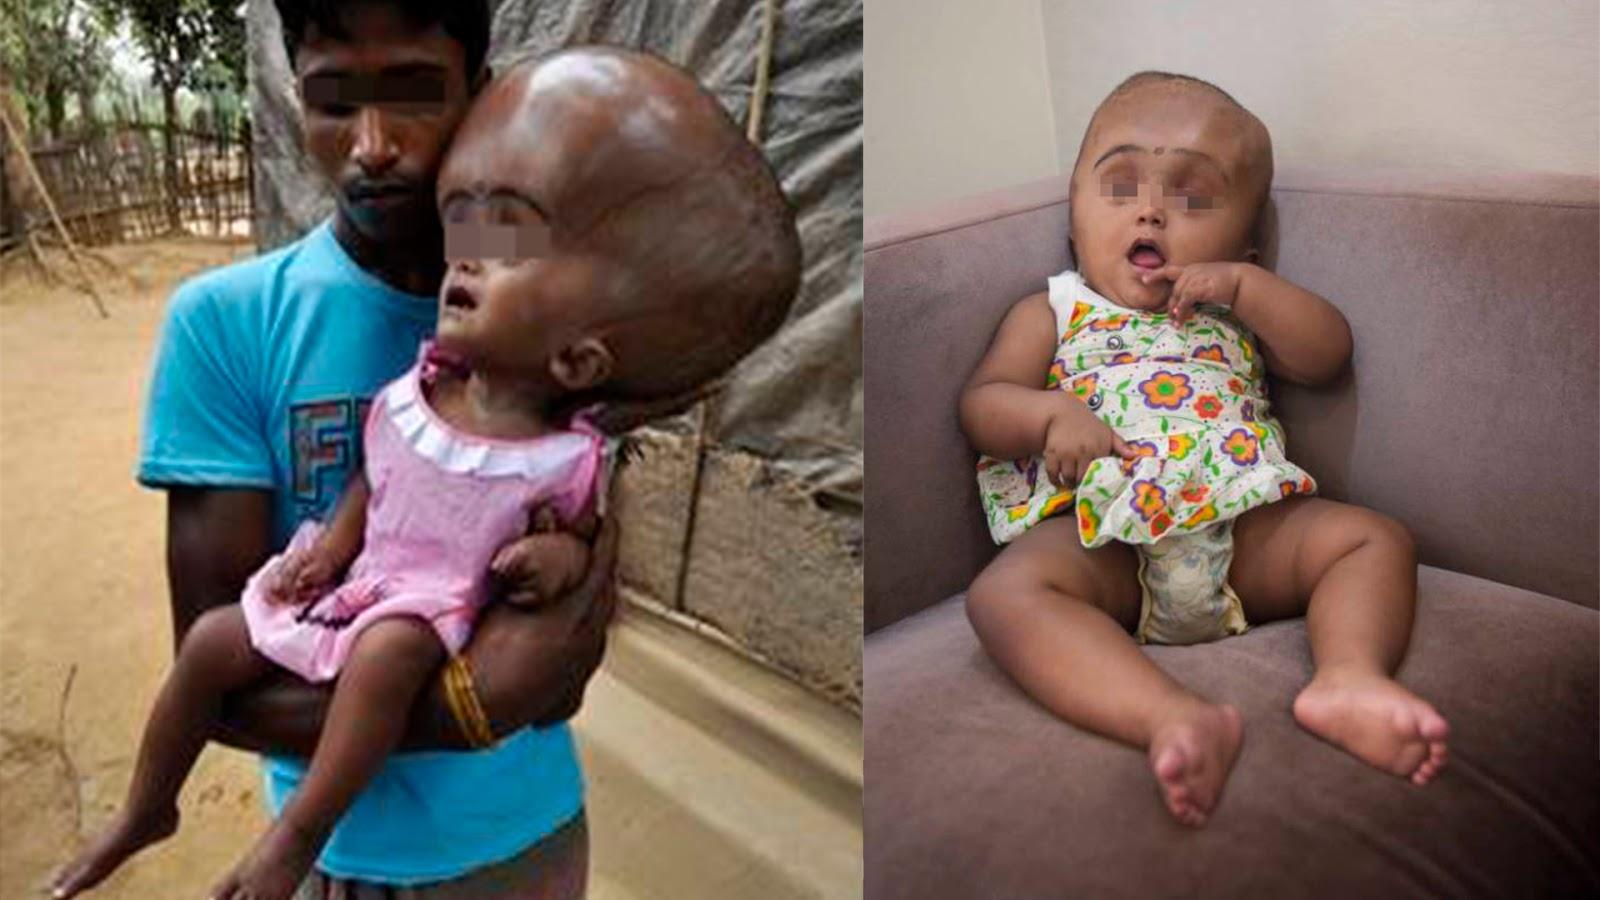 79ea7ab445a13 Roona nasceu com hidrocefalia, uma condição em que o líquido  cefalorraquidiano se acumula no cérebro, causando inchaço e um acúmulo de  pressão.